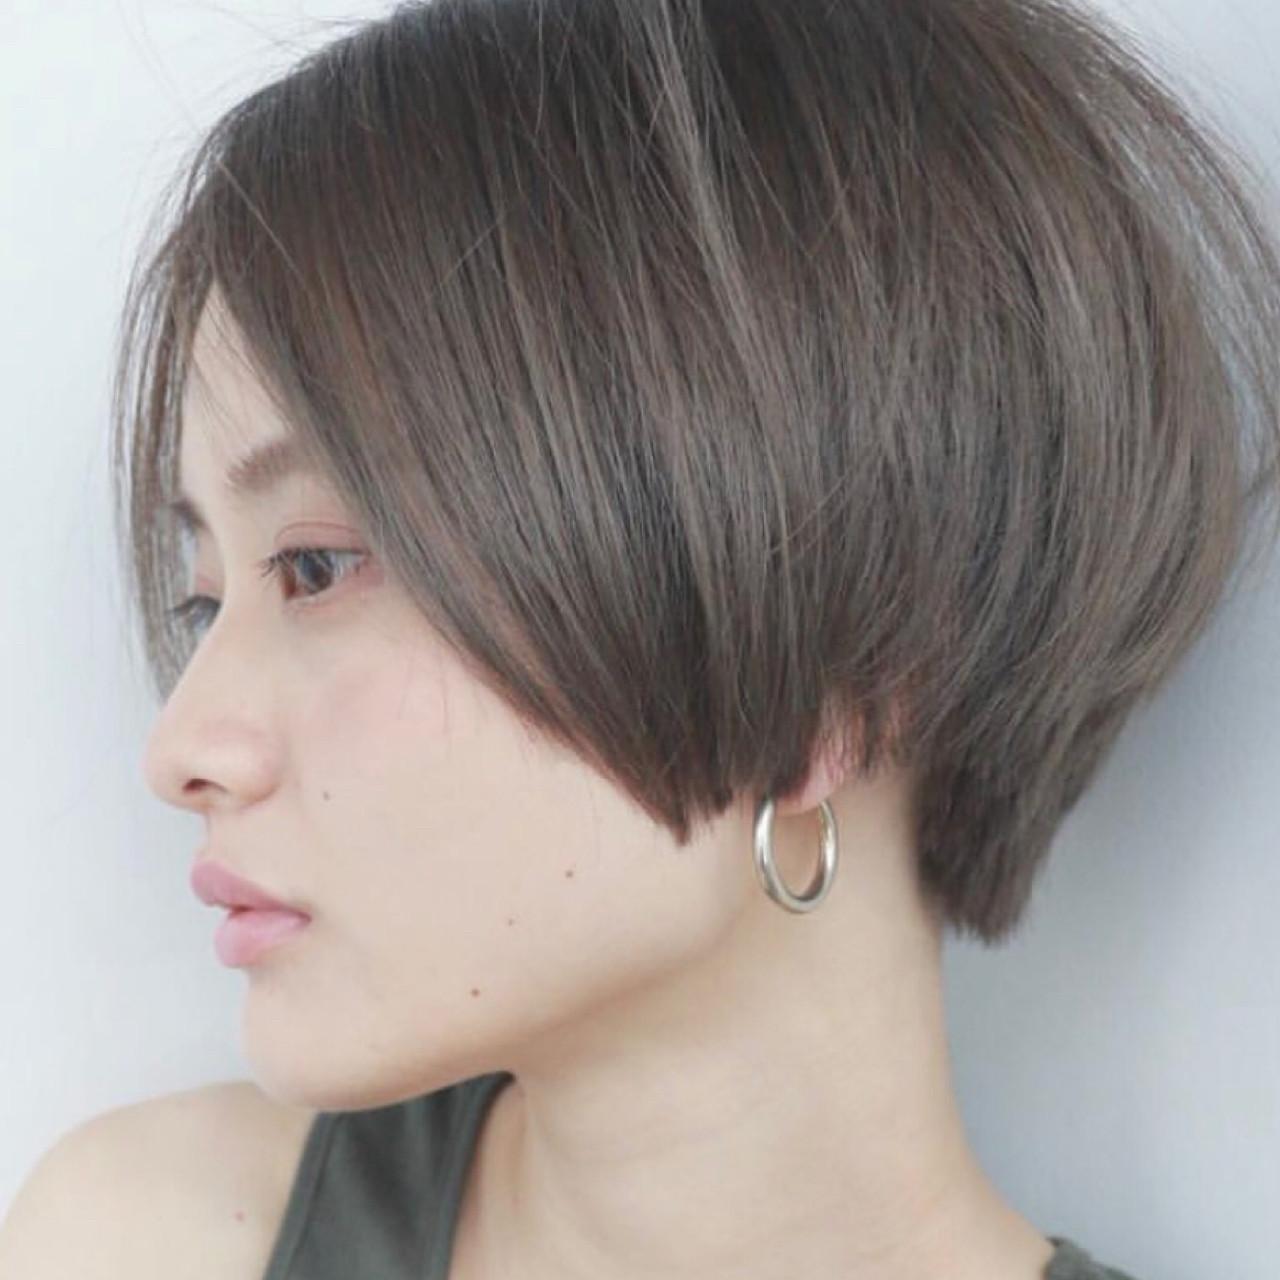 大人可愛くなれるショートボブのヘアカタログ♡あなたのお気に入りはどのスタイル?